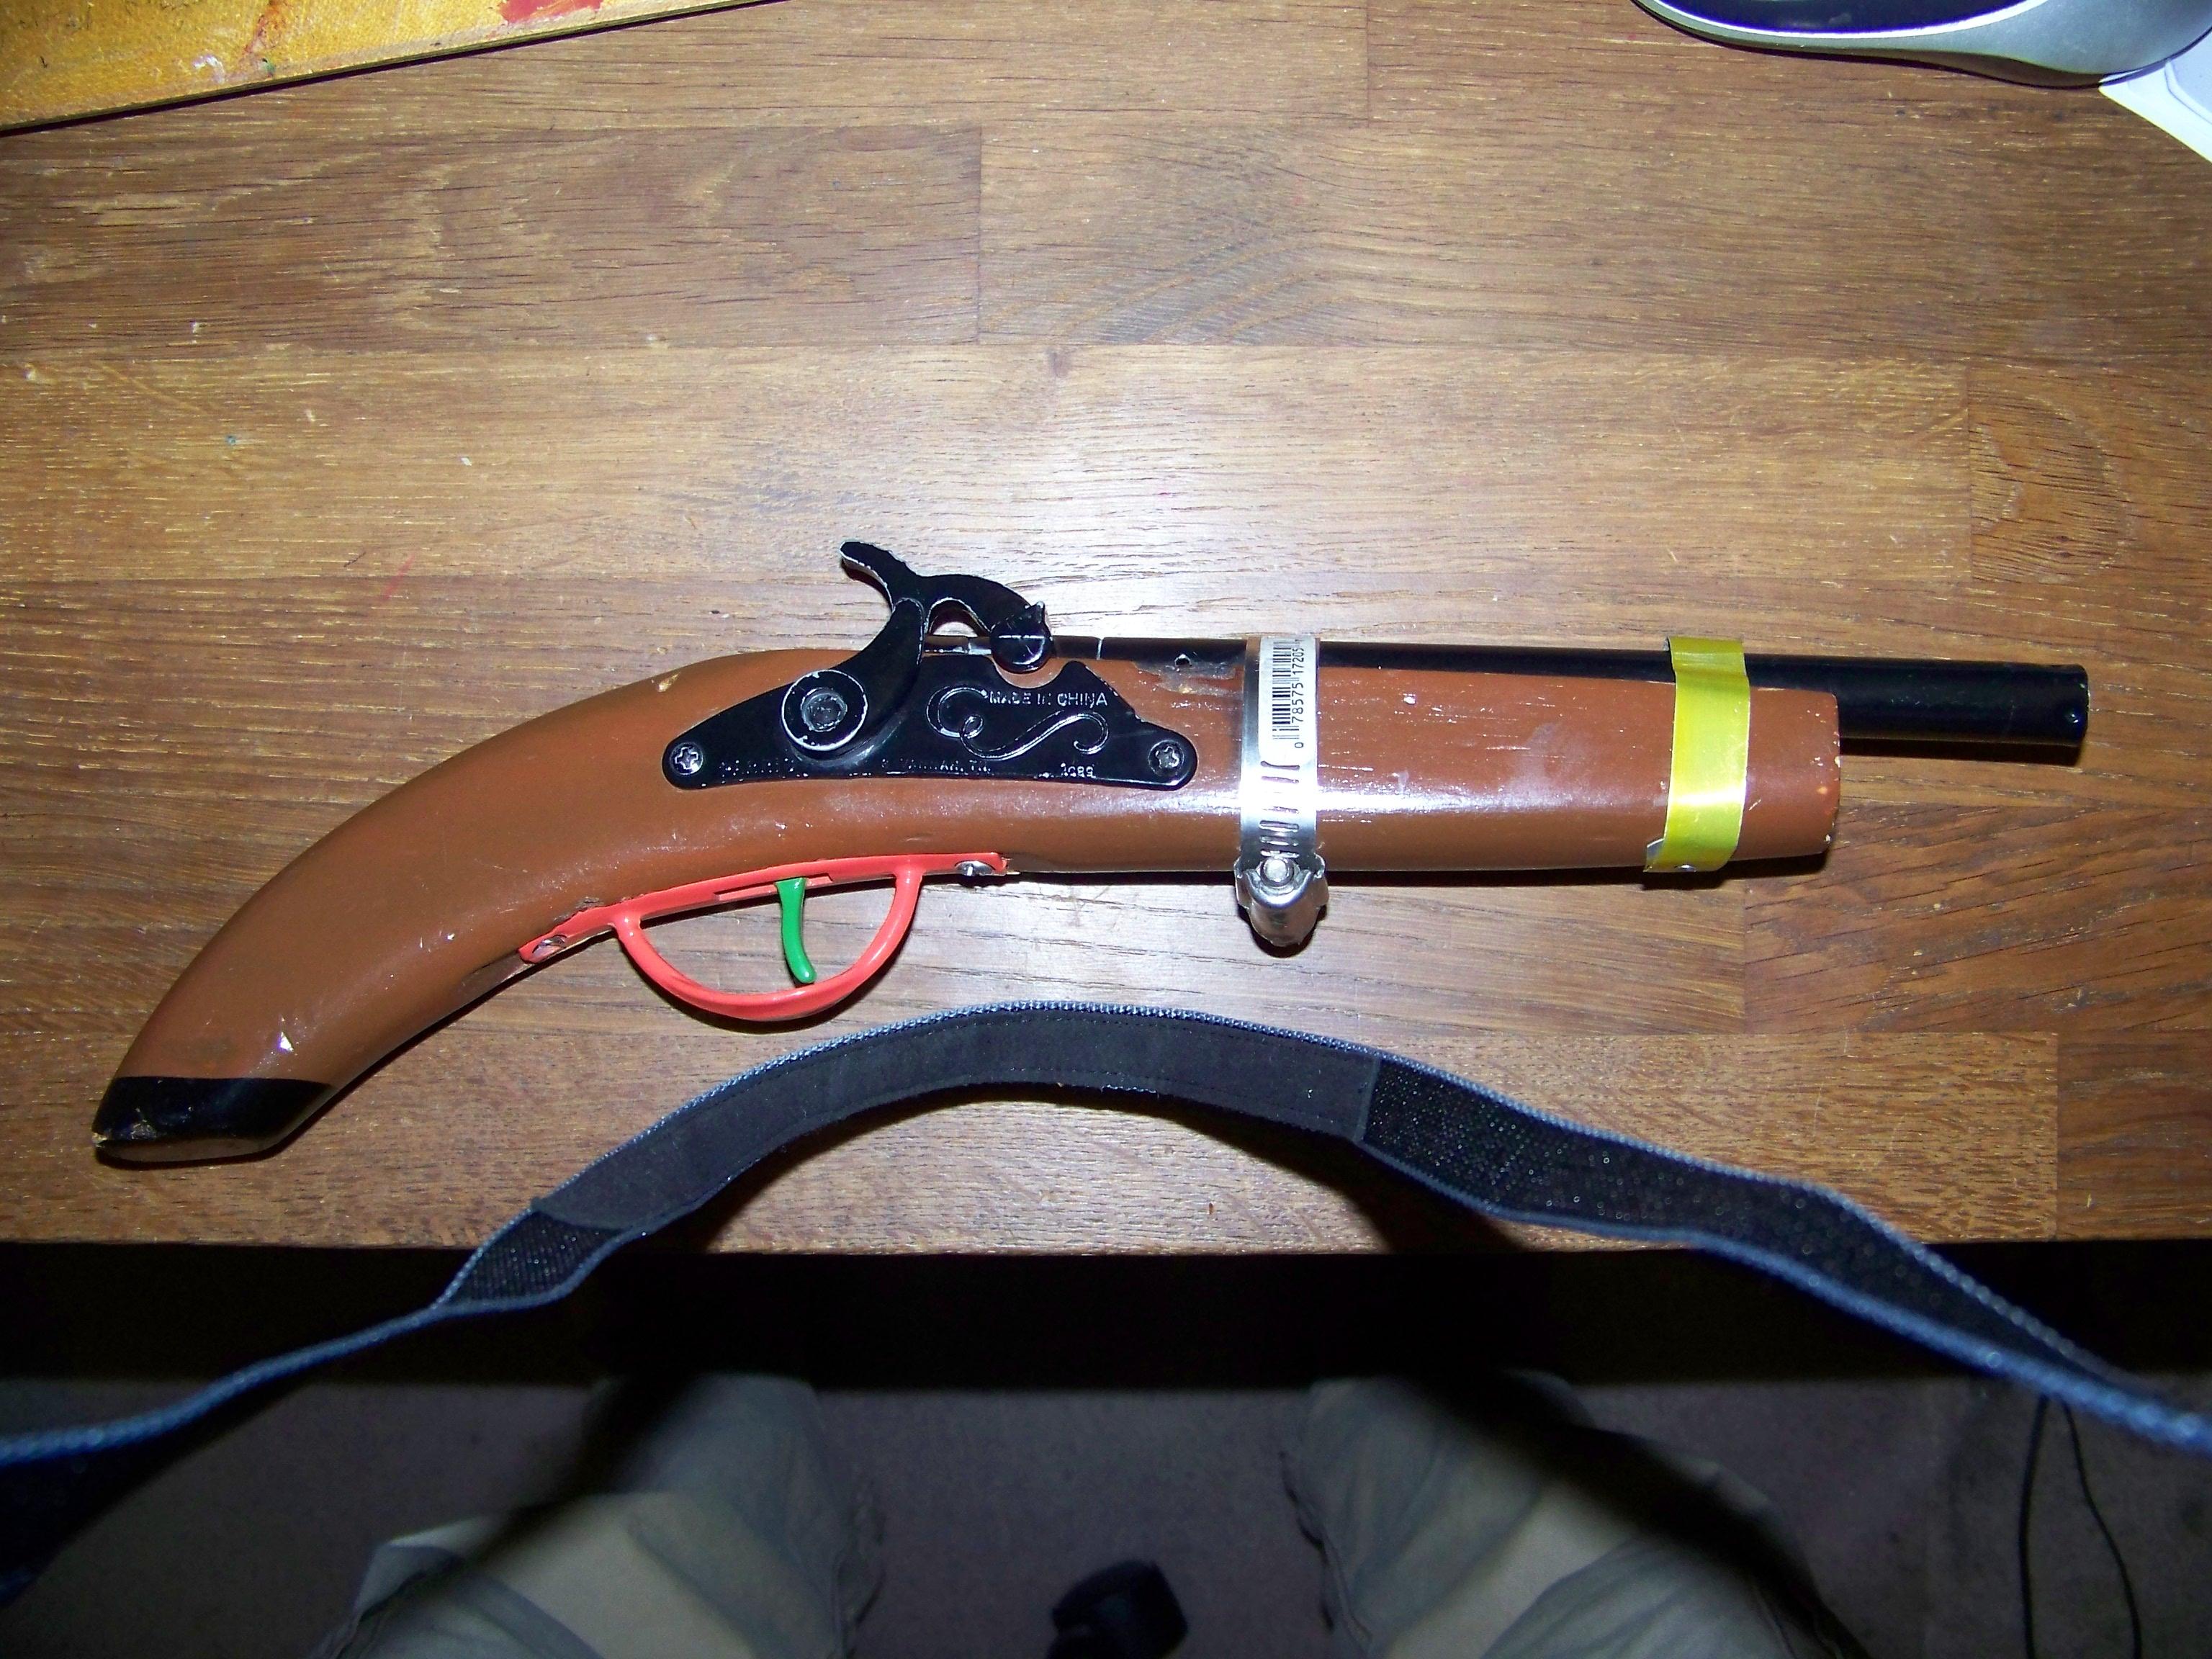 How to modify a cap gun to shoot